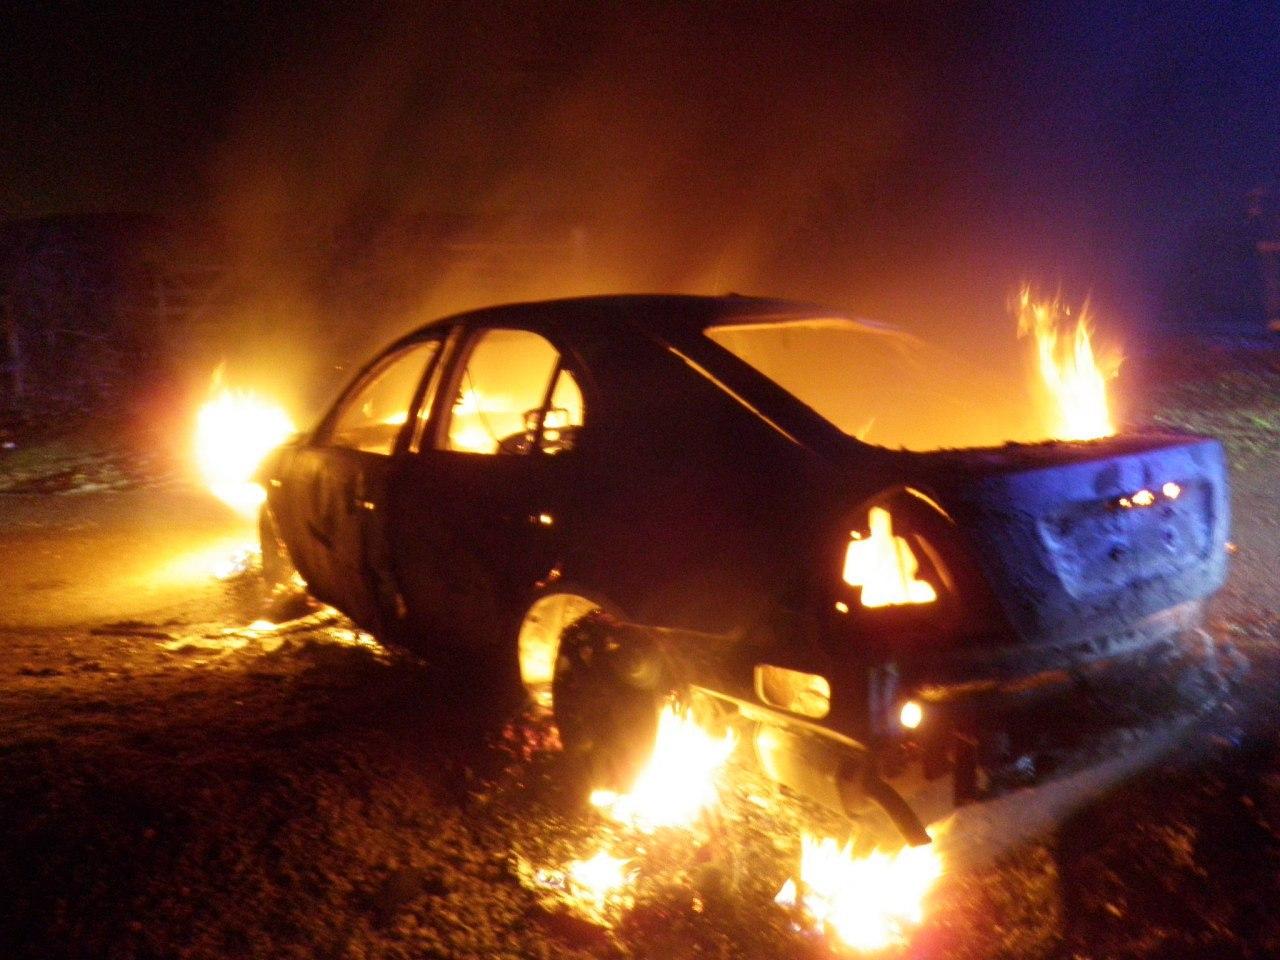 Хабаровчанка на почве ревности сожгла авто бывшего парня